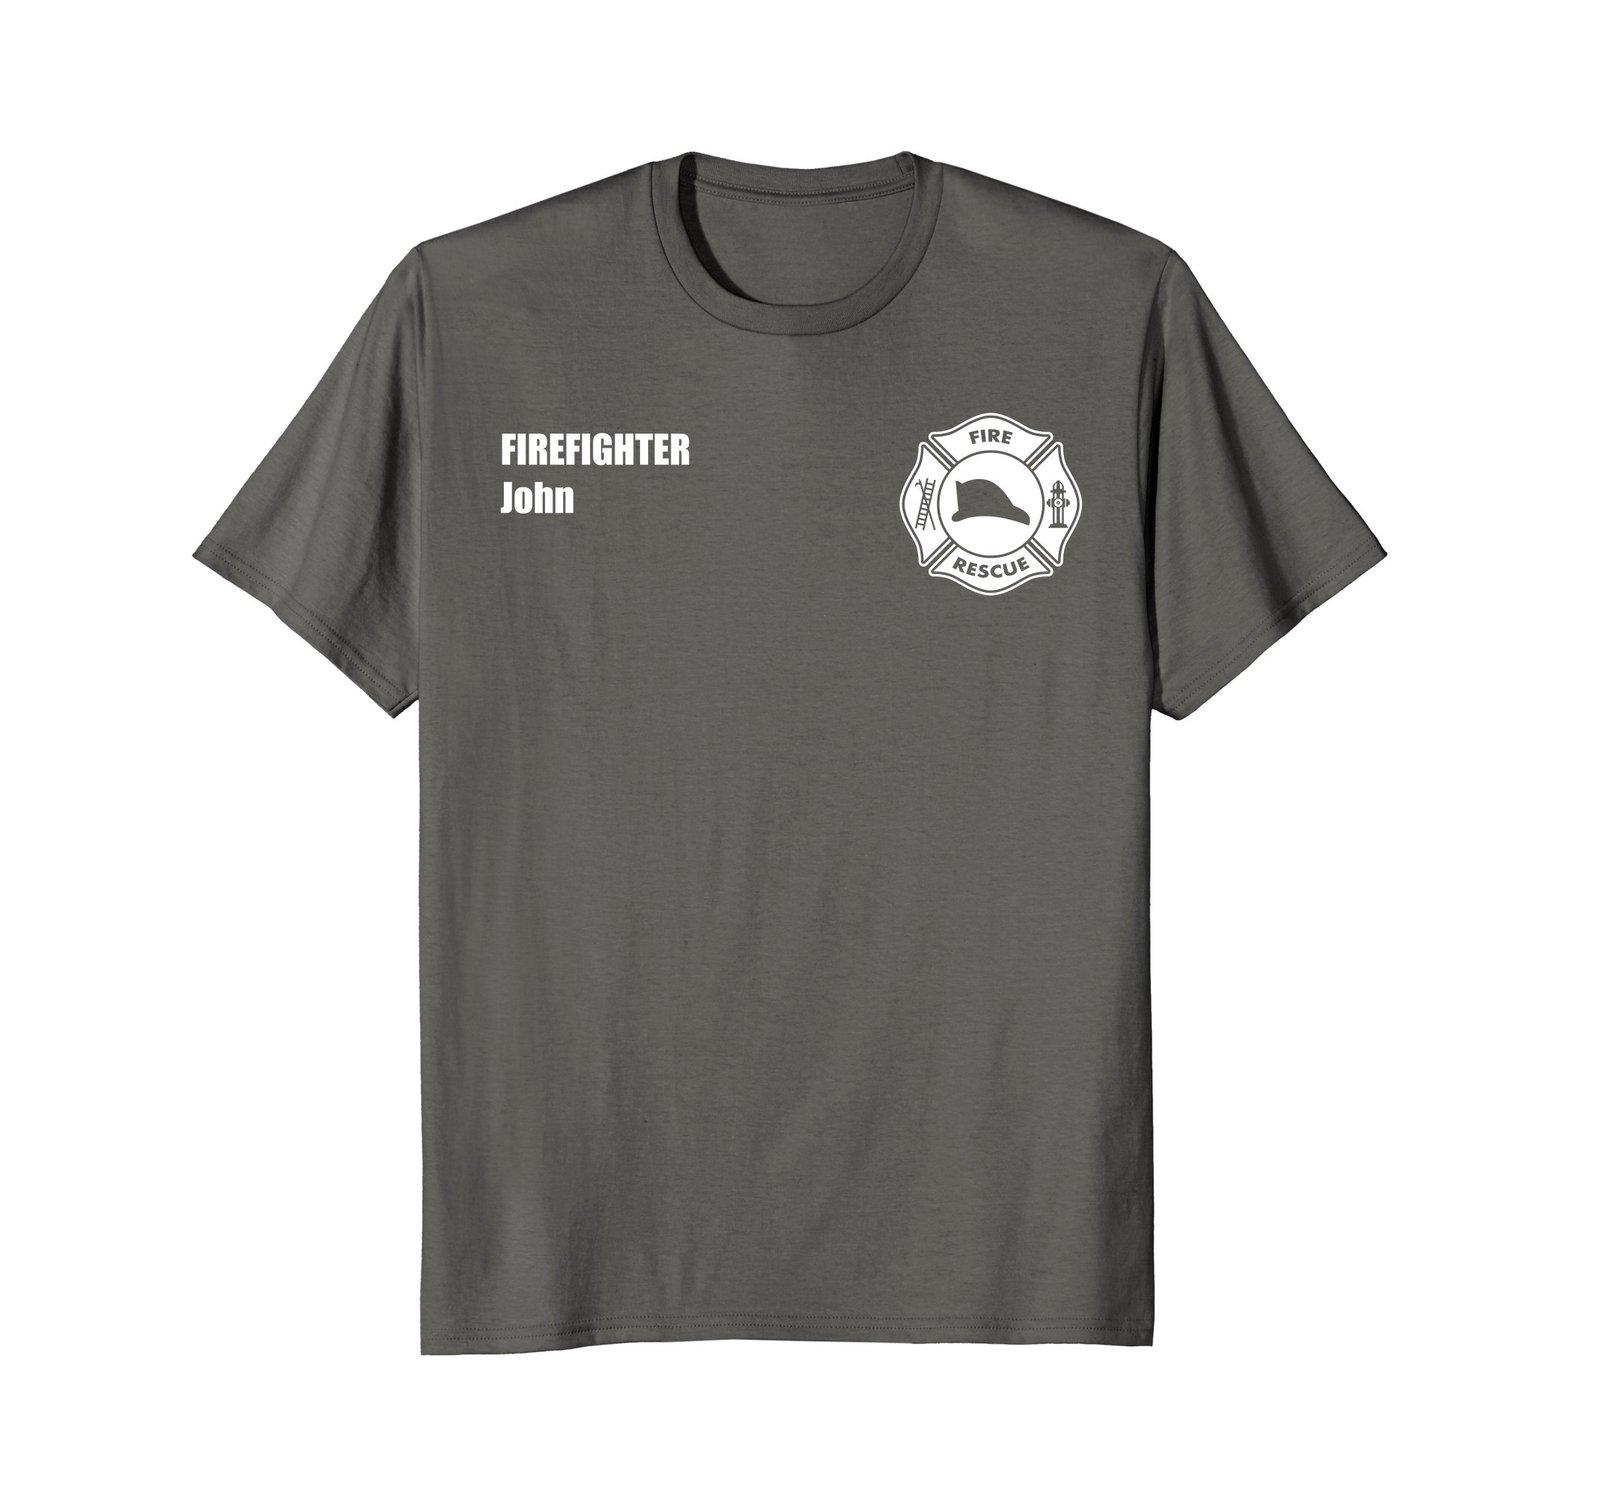 Firefighter John - Official Fire Department Uniform Shirt